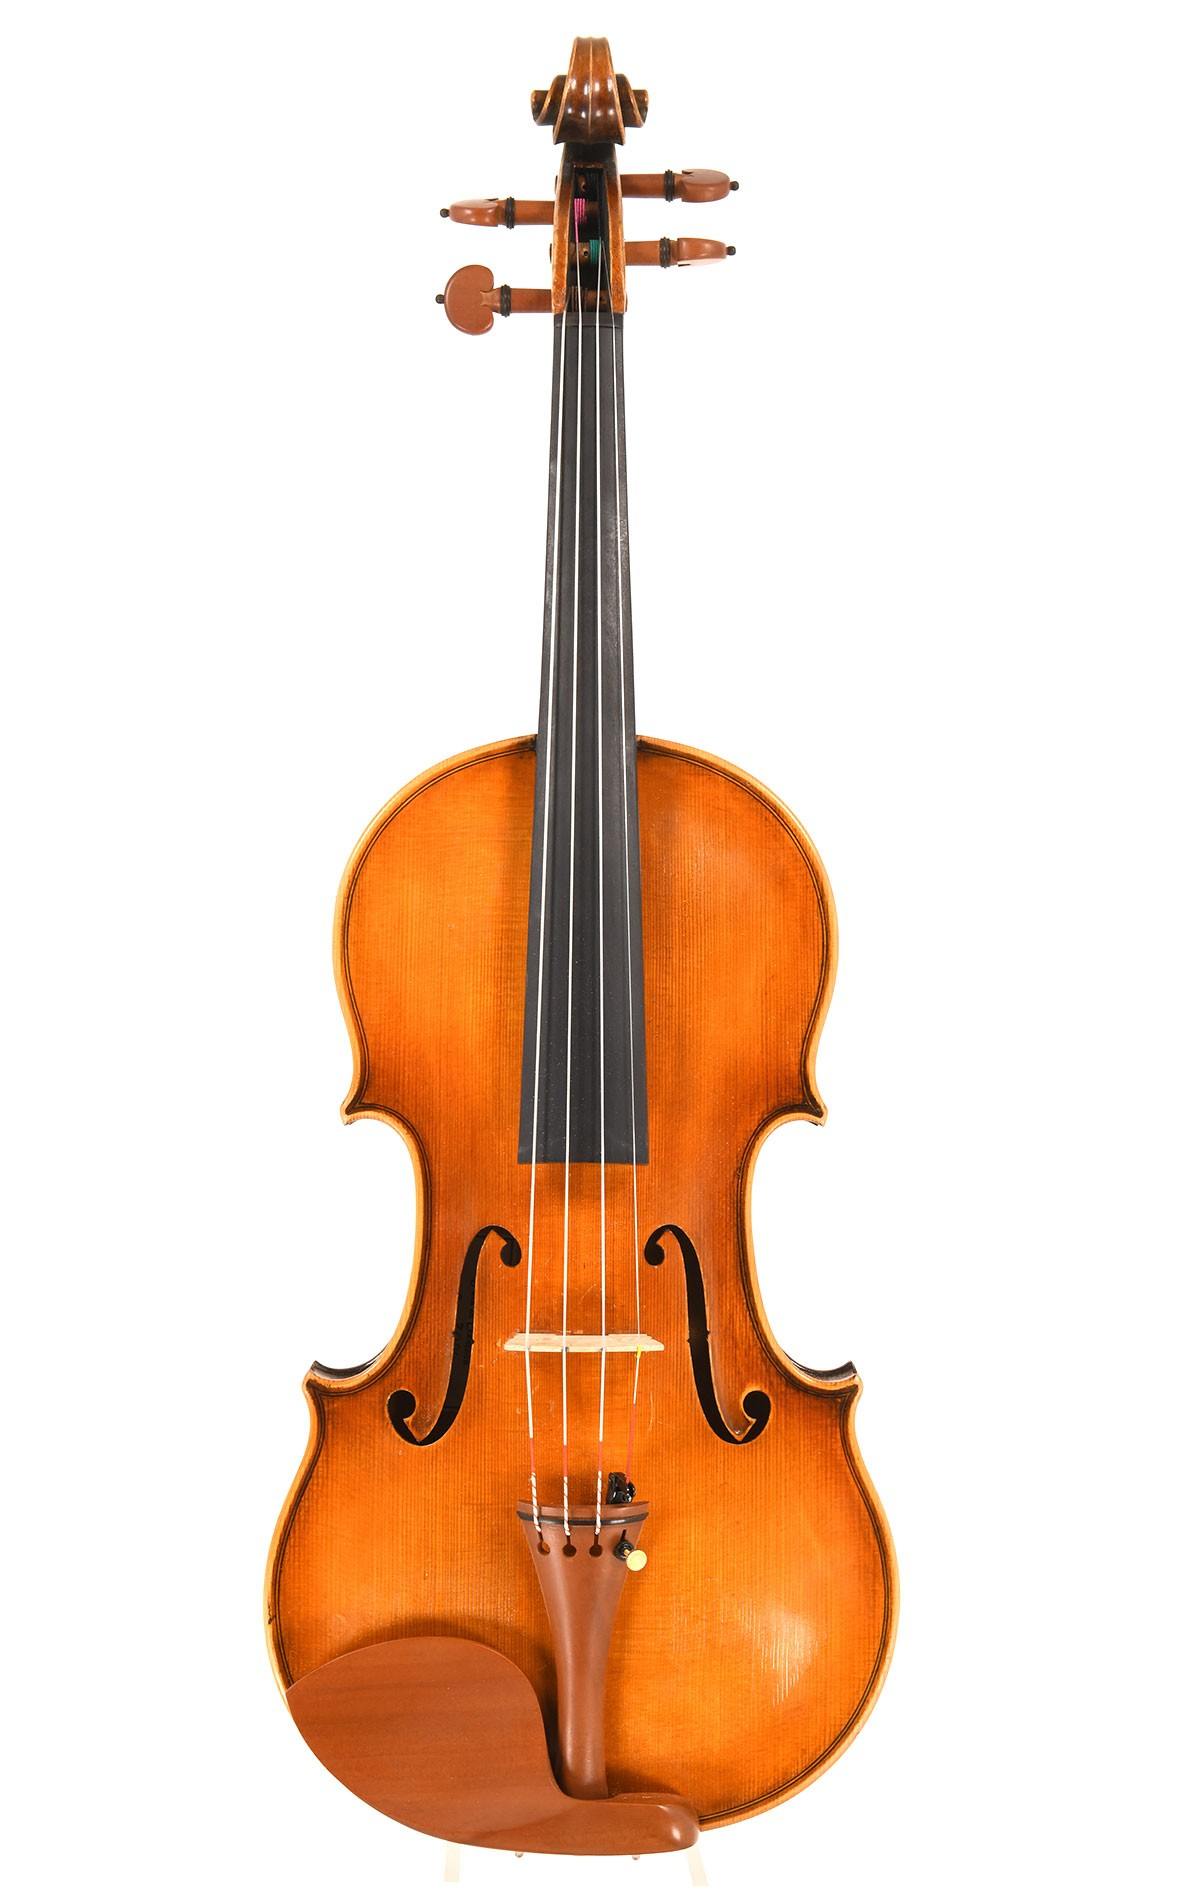 Violon moderne d'après Guarneri